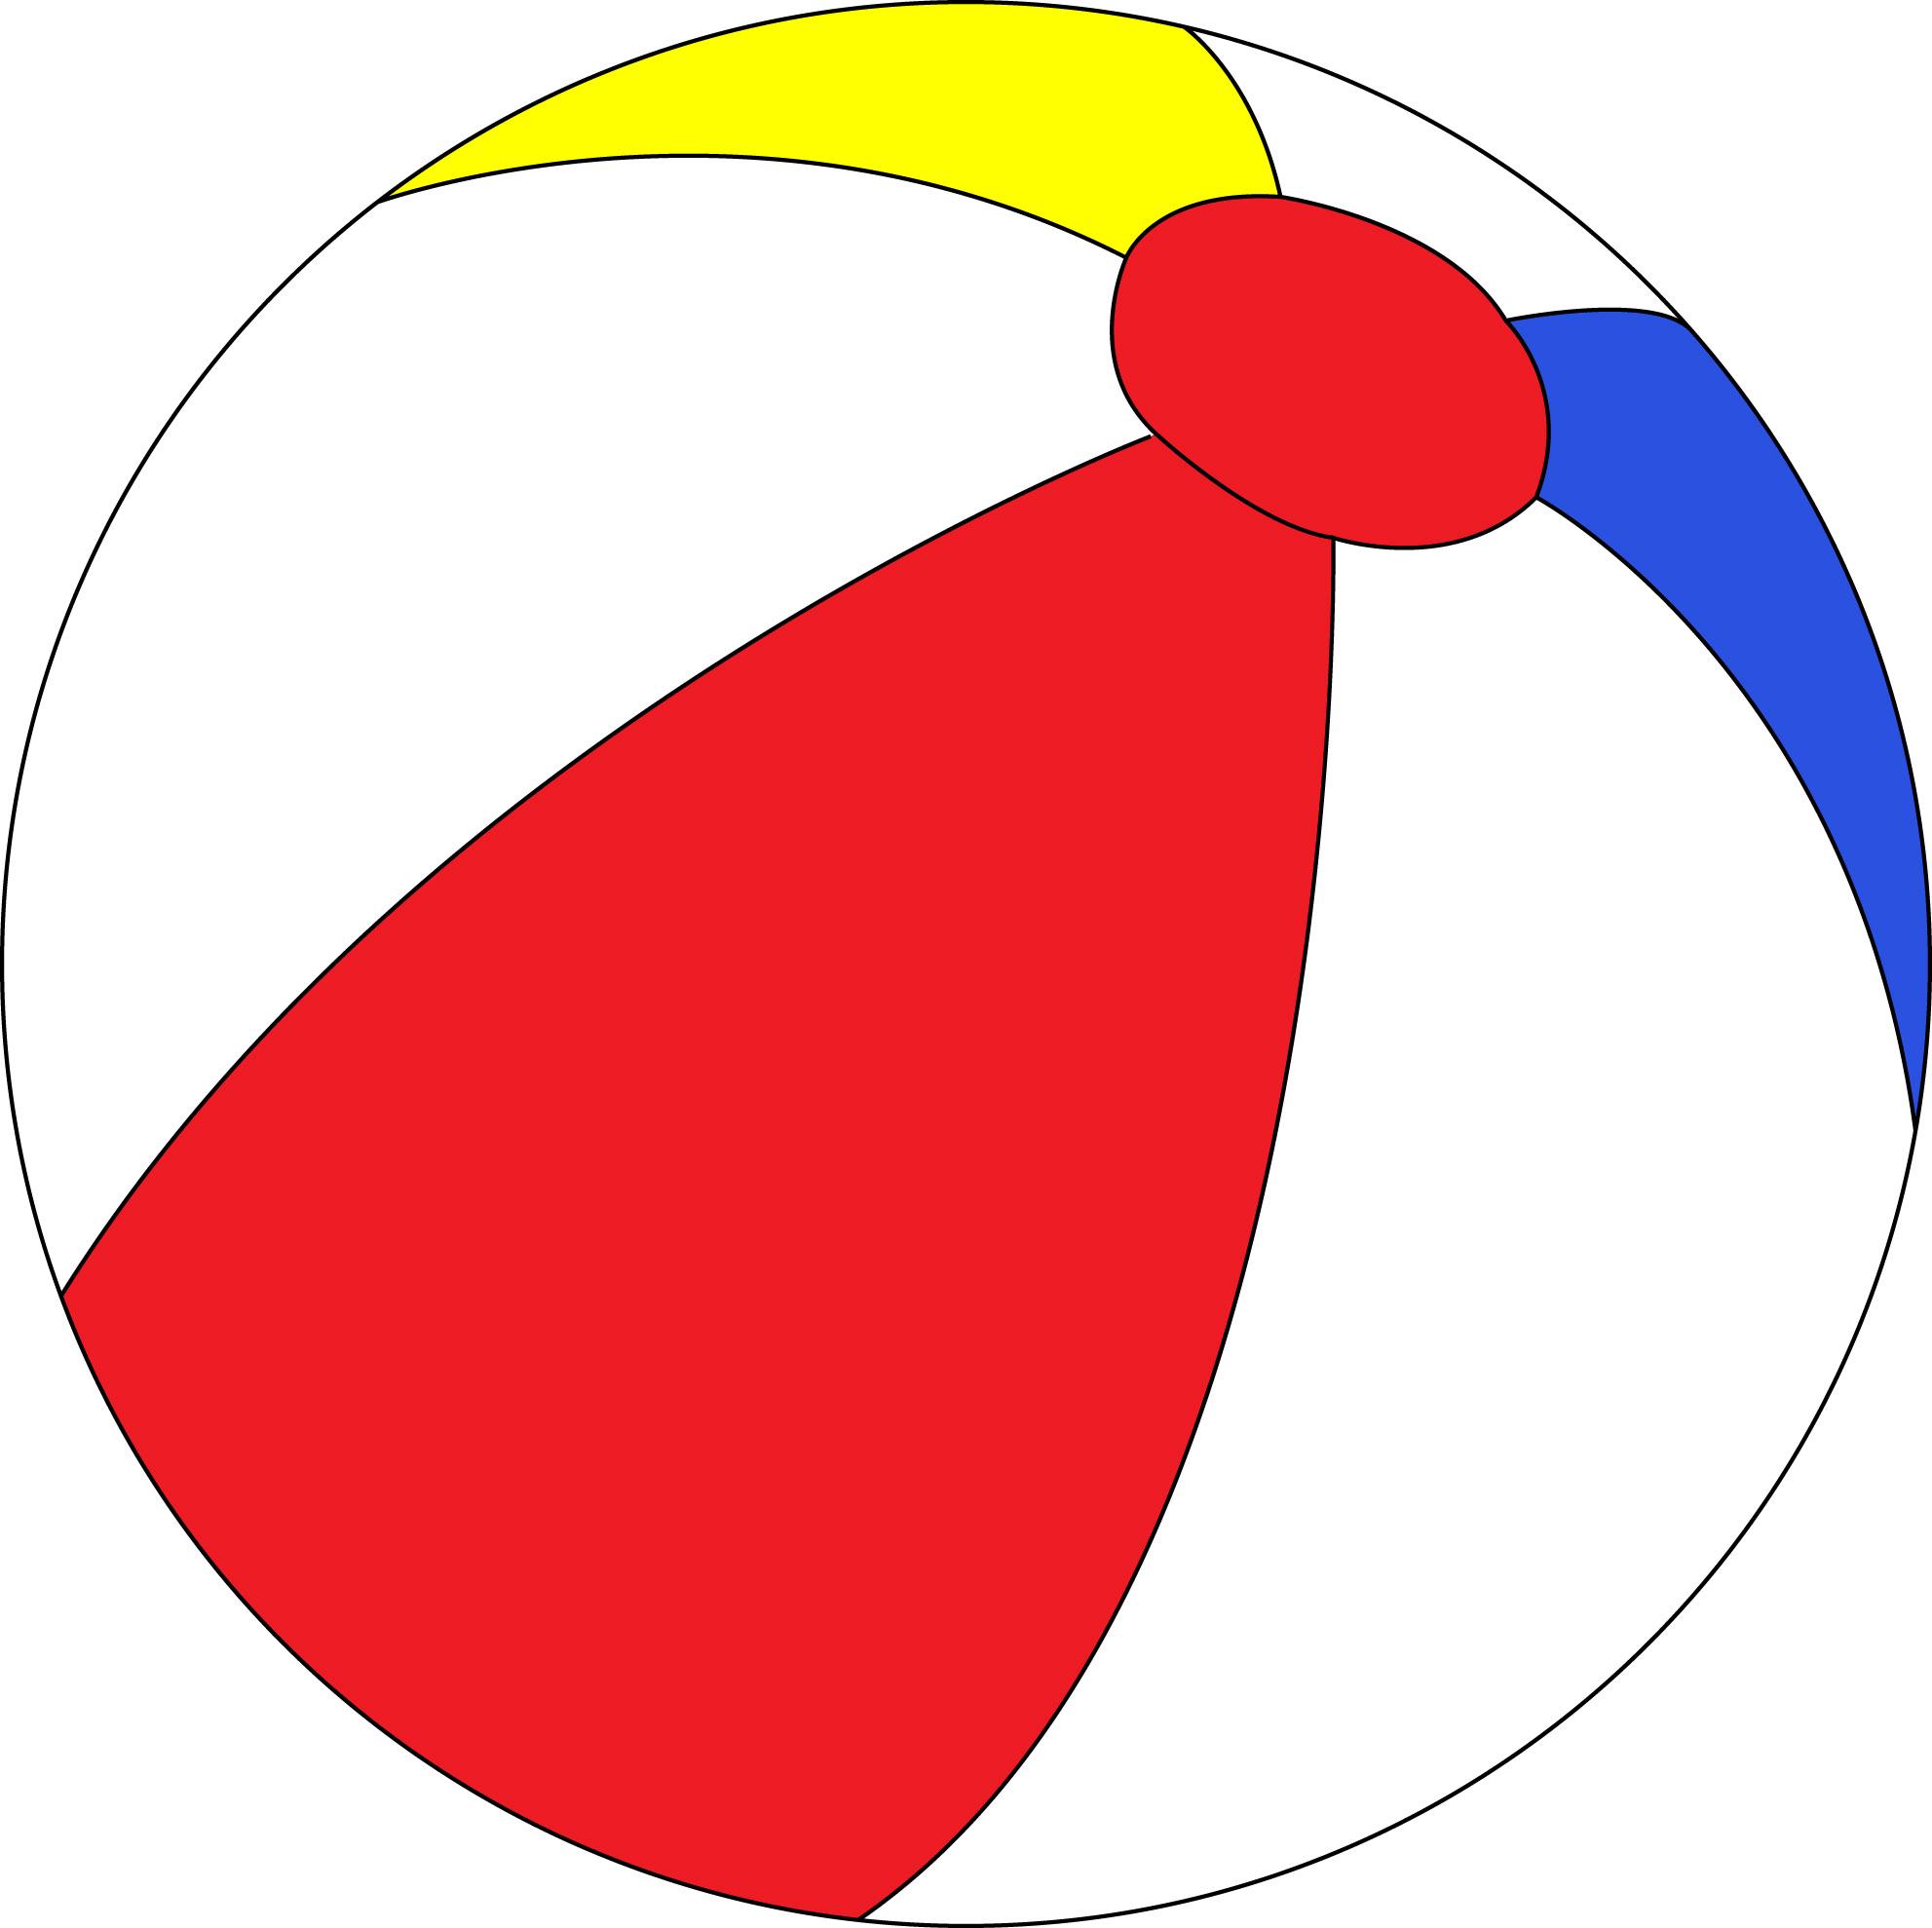 1983x1979 Beach Ball Clipart Clipart 2 Image 9